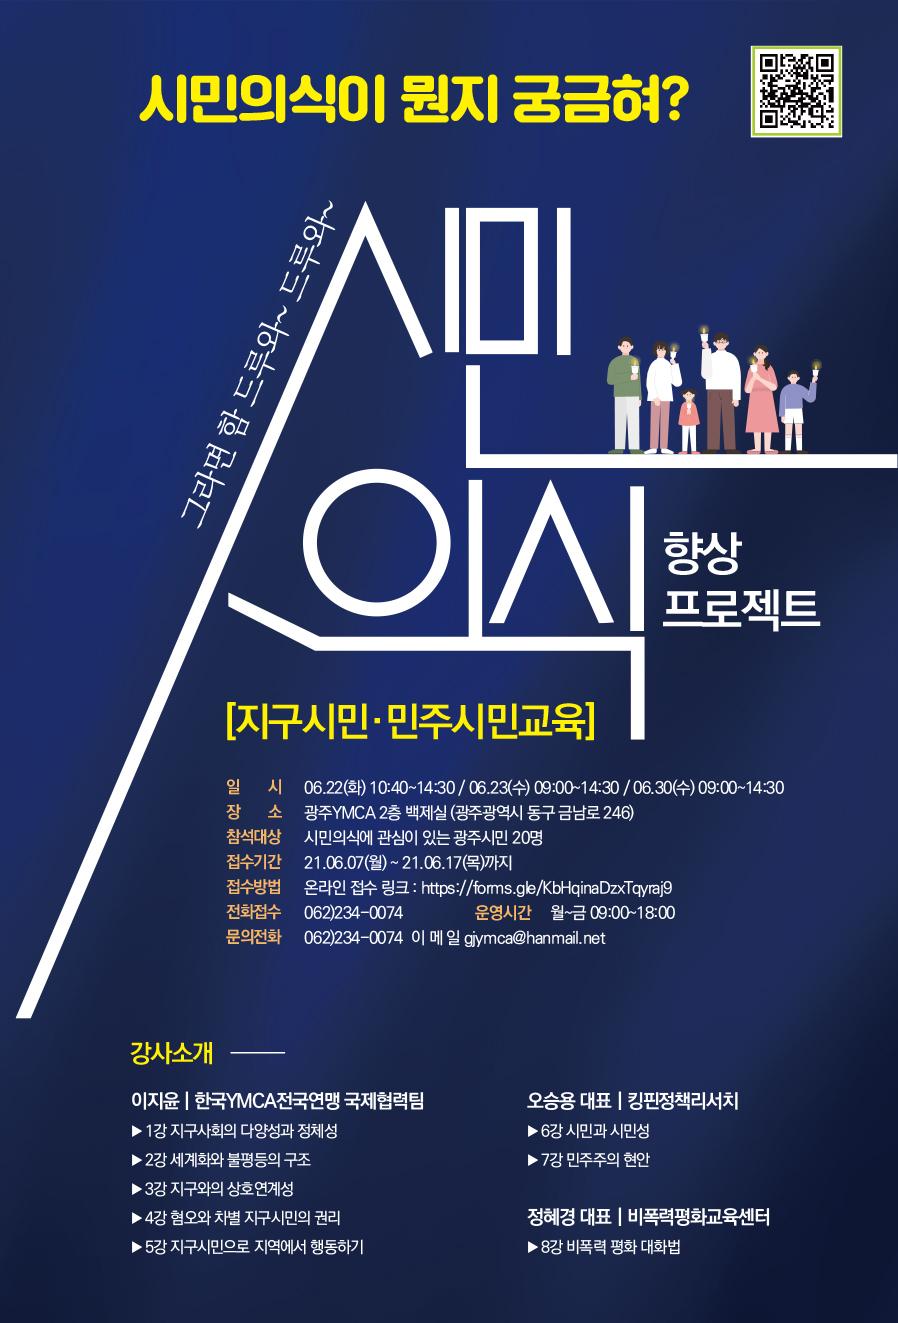 Y-시민의식향상프로젝트 웹용 포스터.jpg